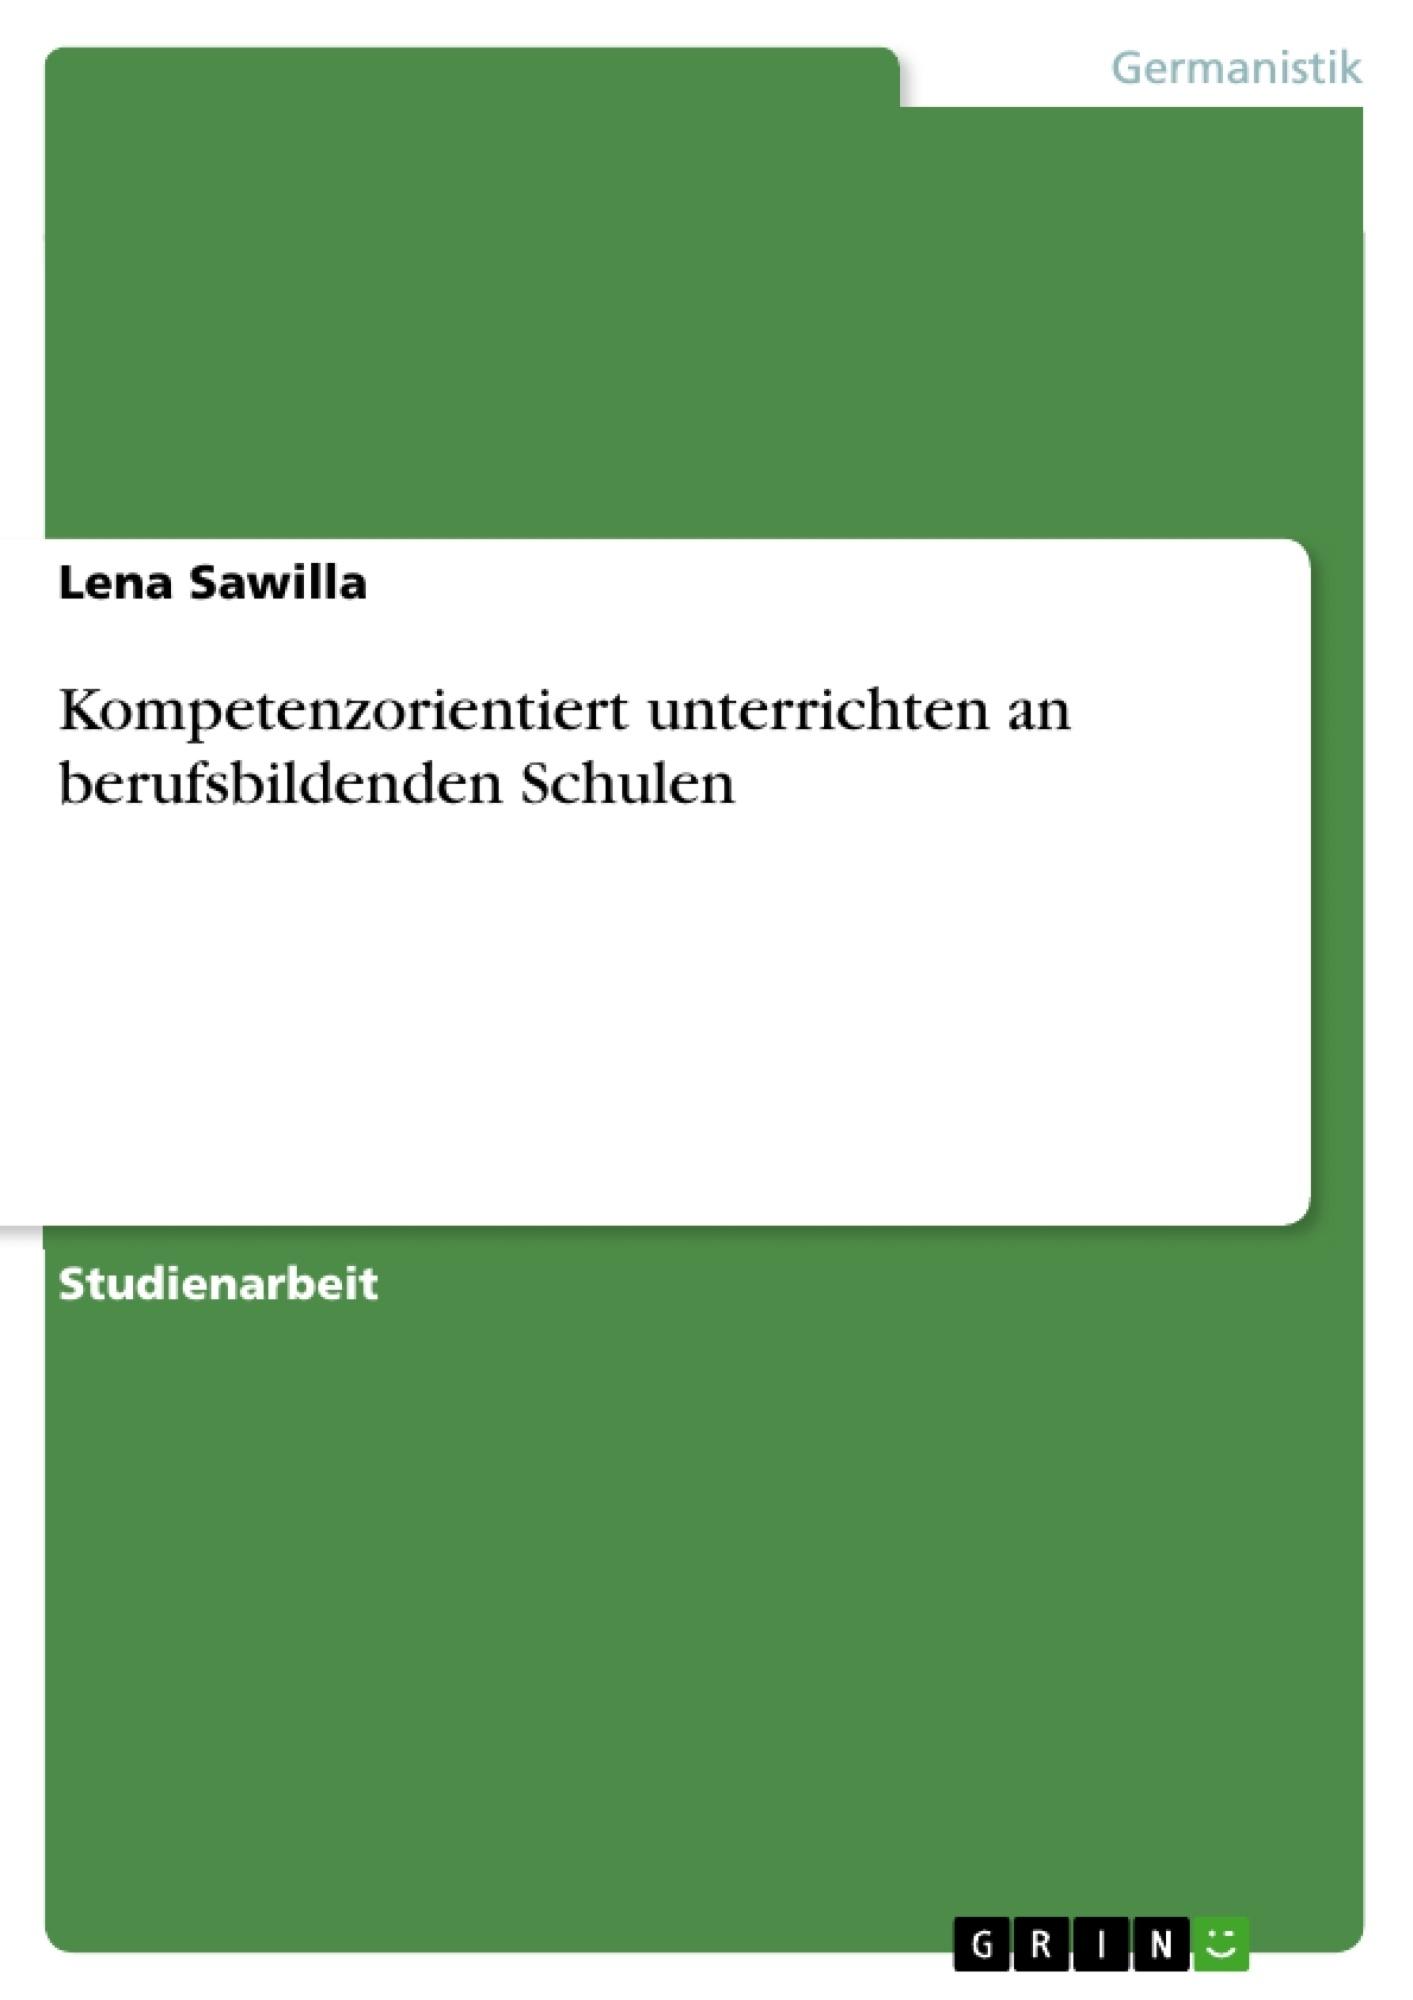 Titel: Kompetenzorientiert unterrichten an berufsbildenden Schulen